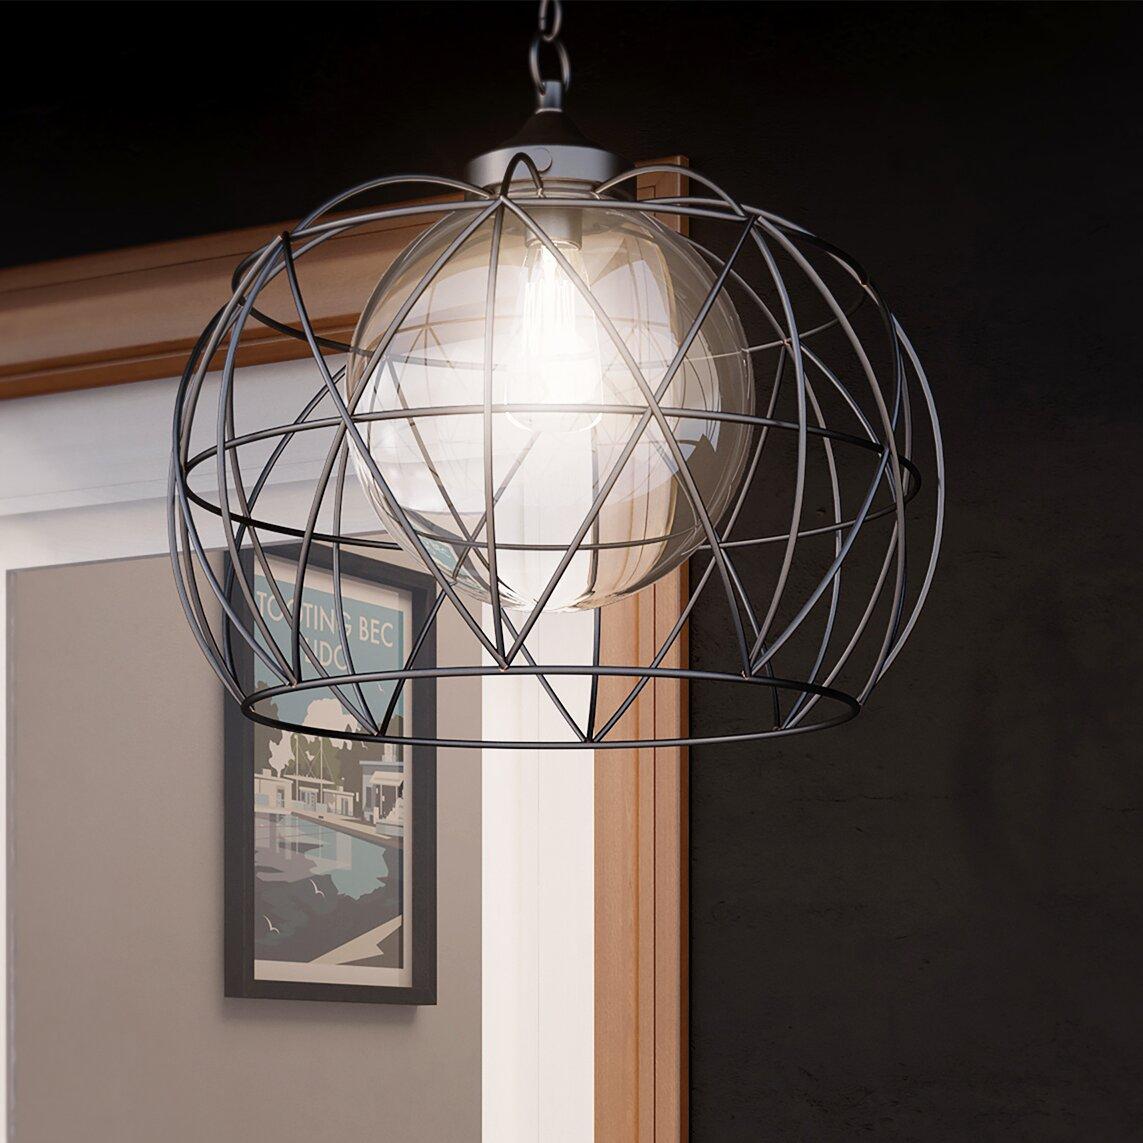 Wayfair Outdoor Hanging Lights: Wade Logan Deven 1 Light Outdoor Pendant